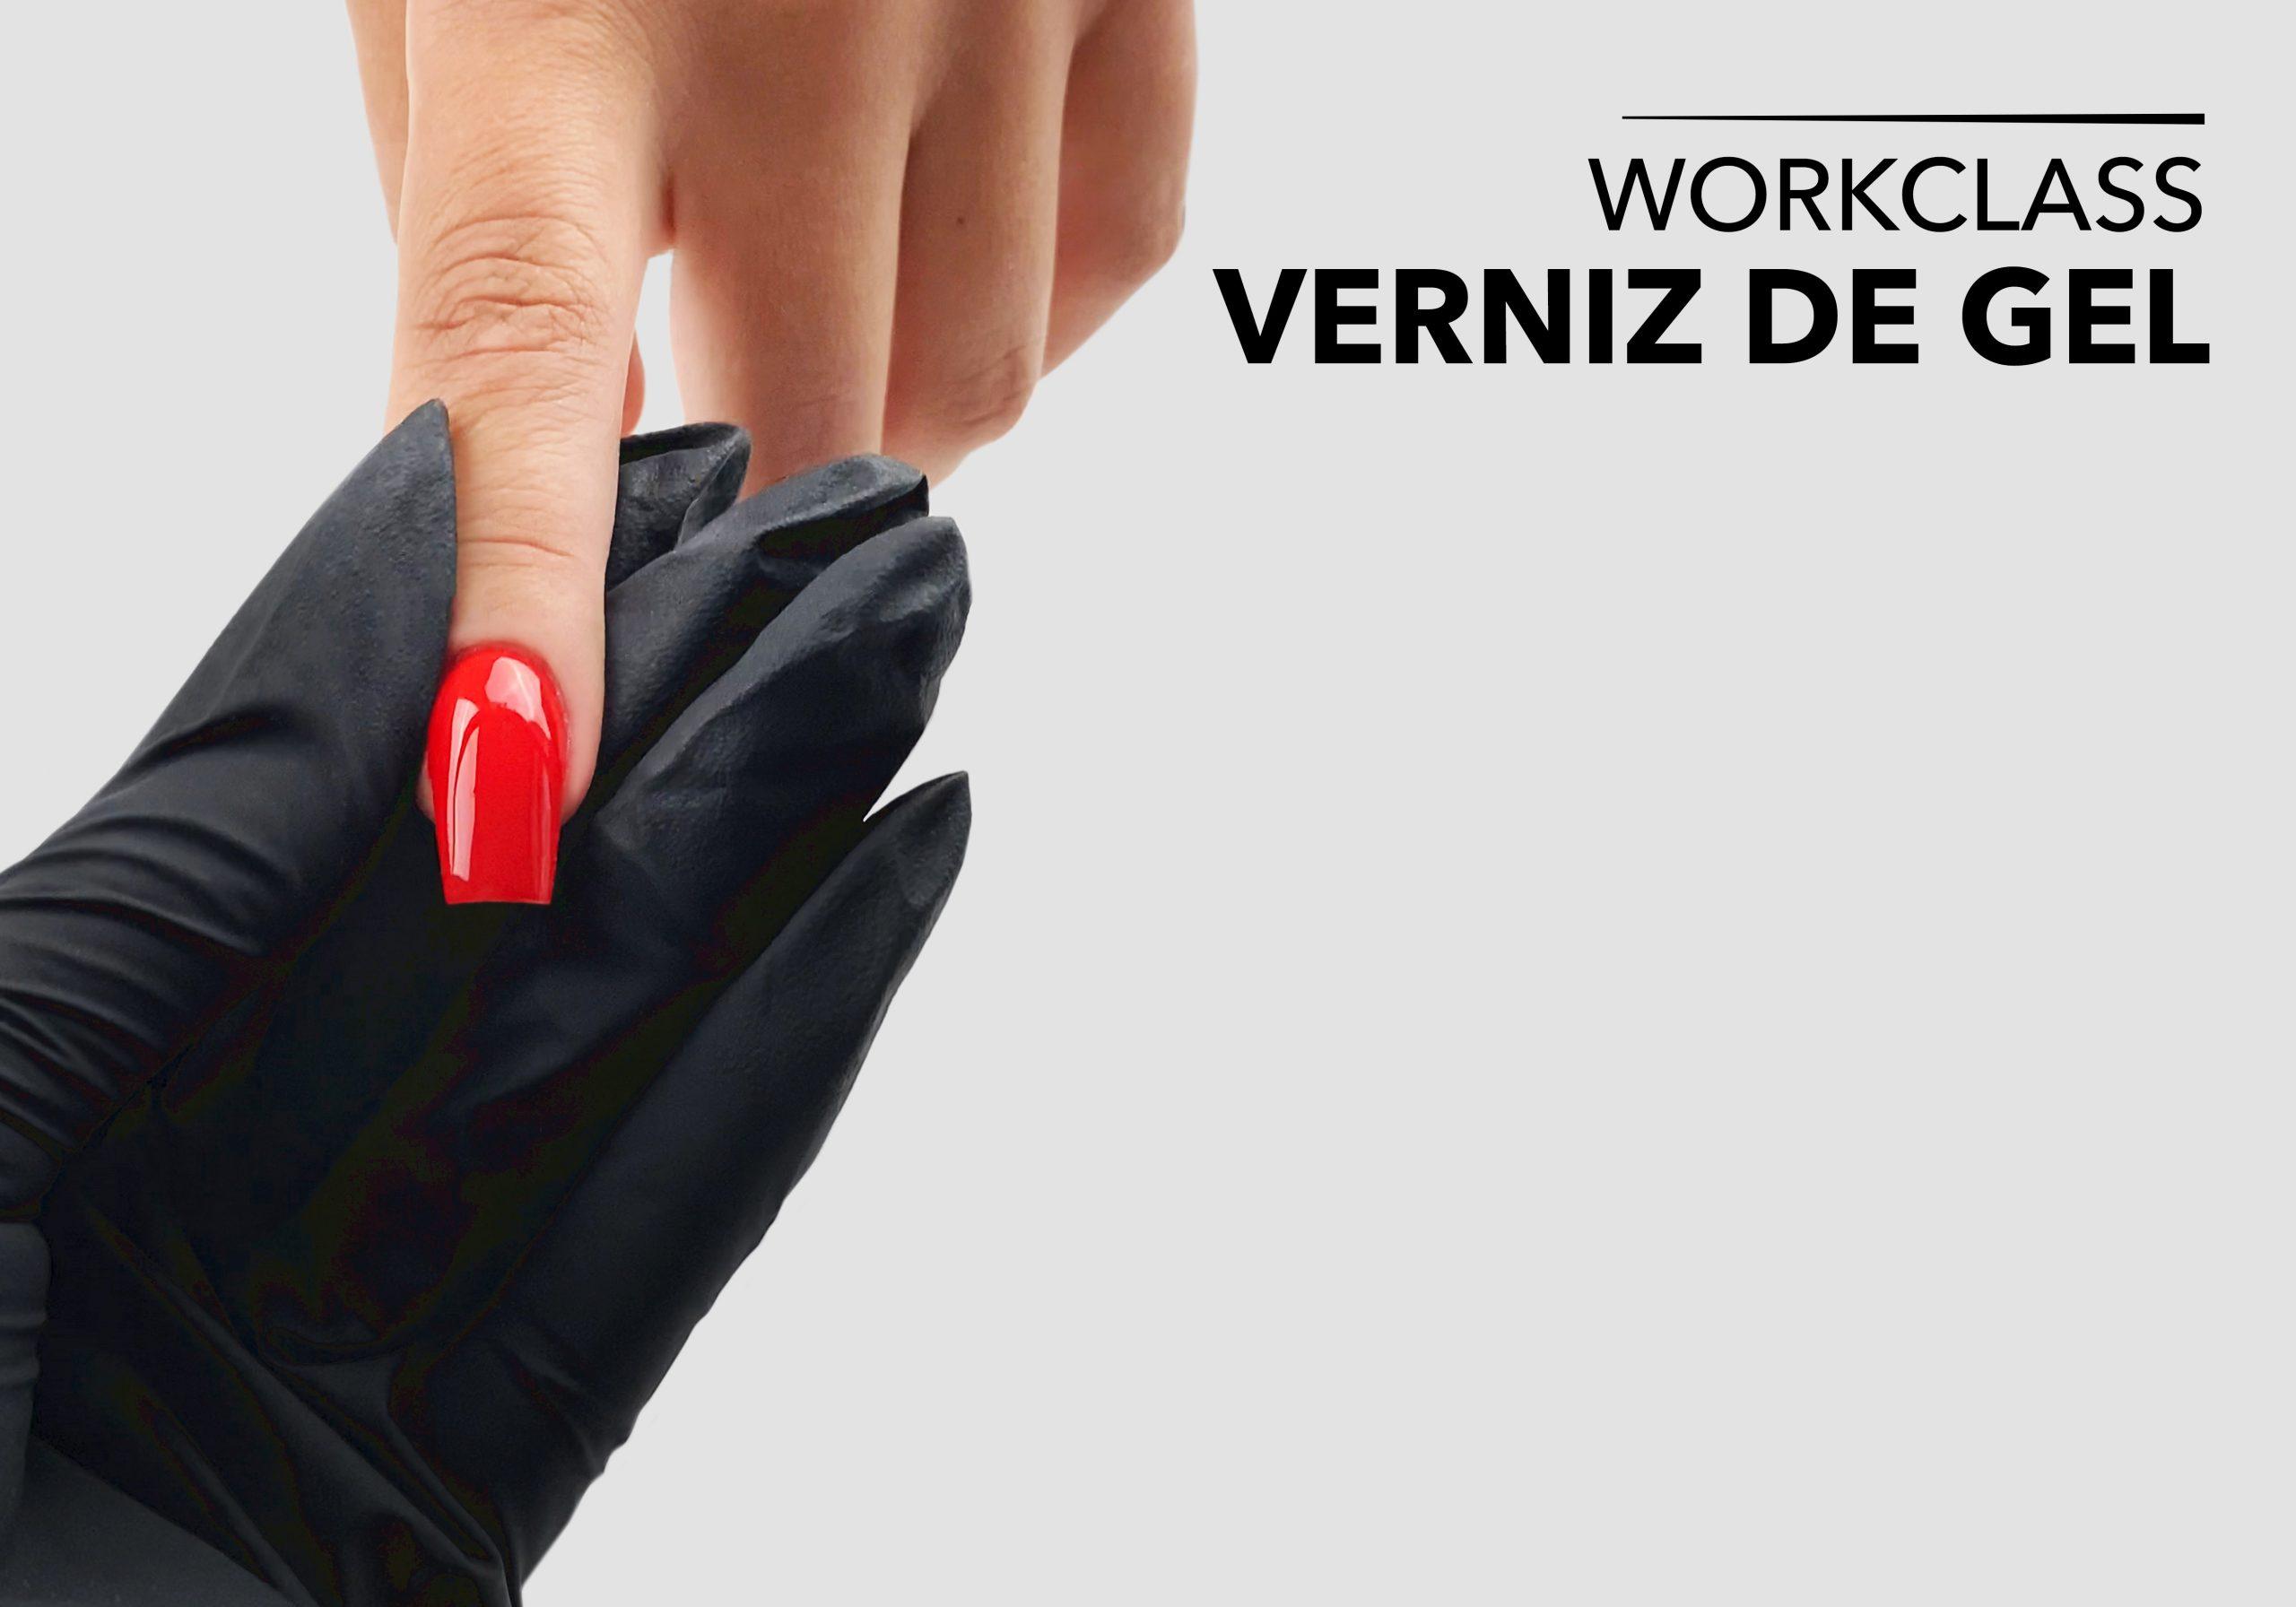 Workclass de Verniz de Gel